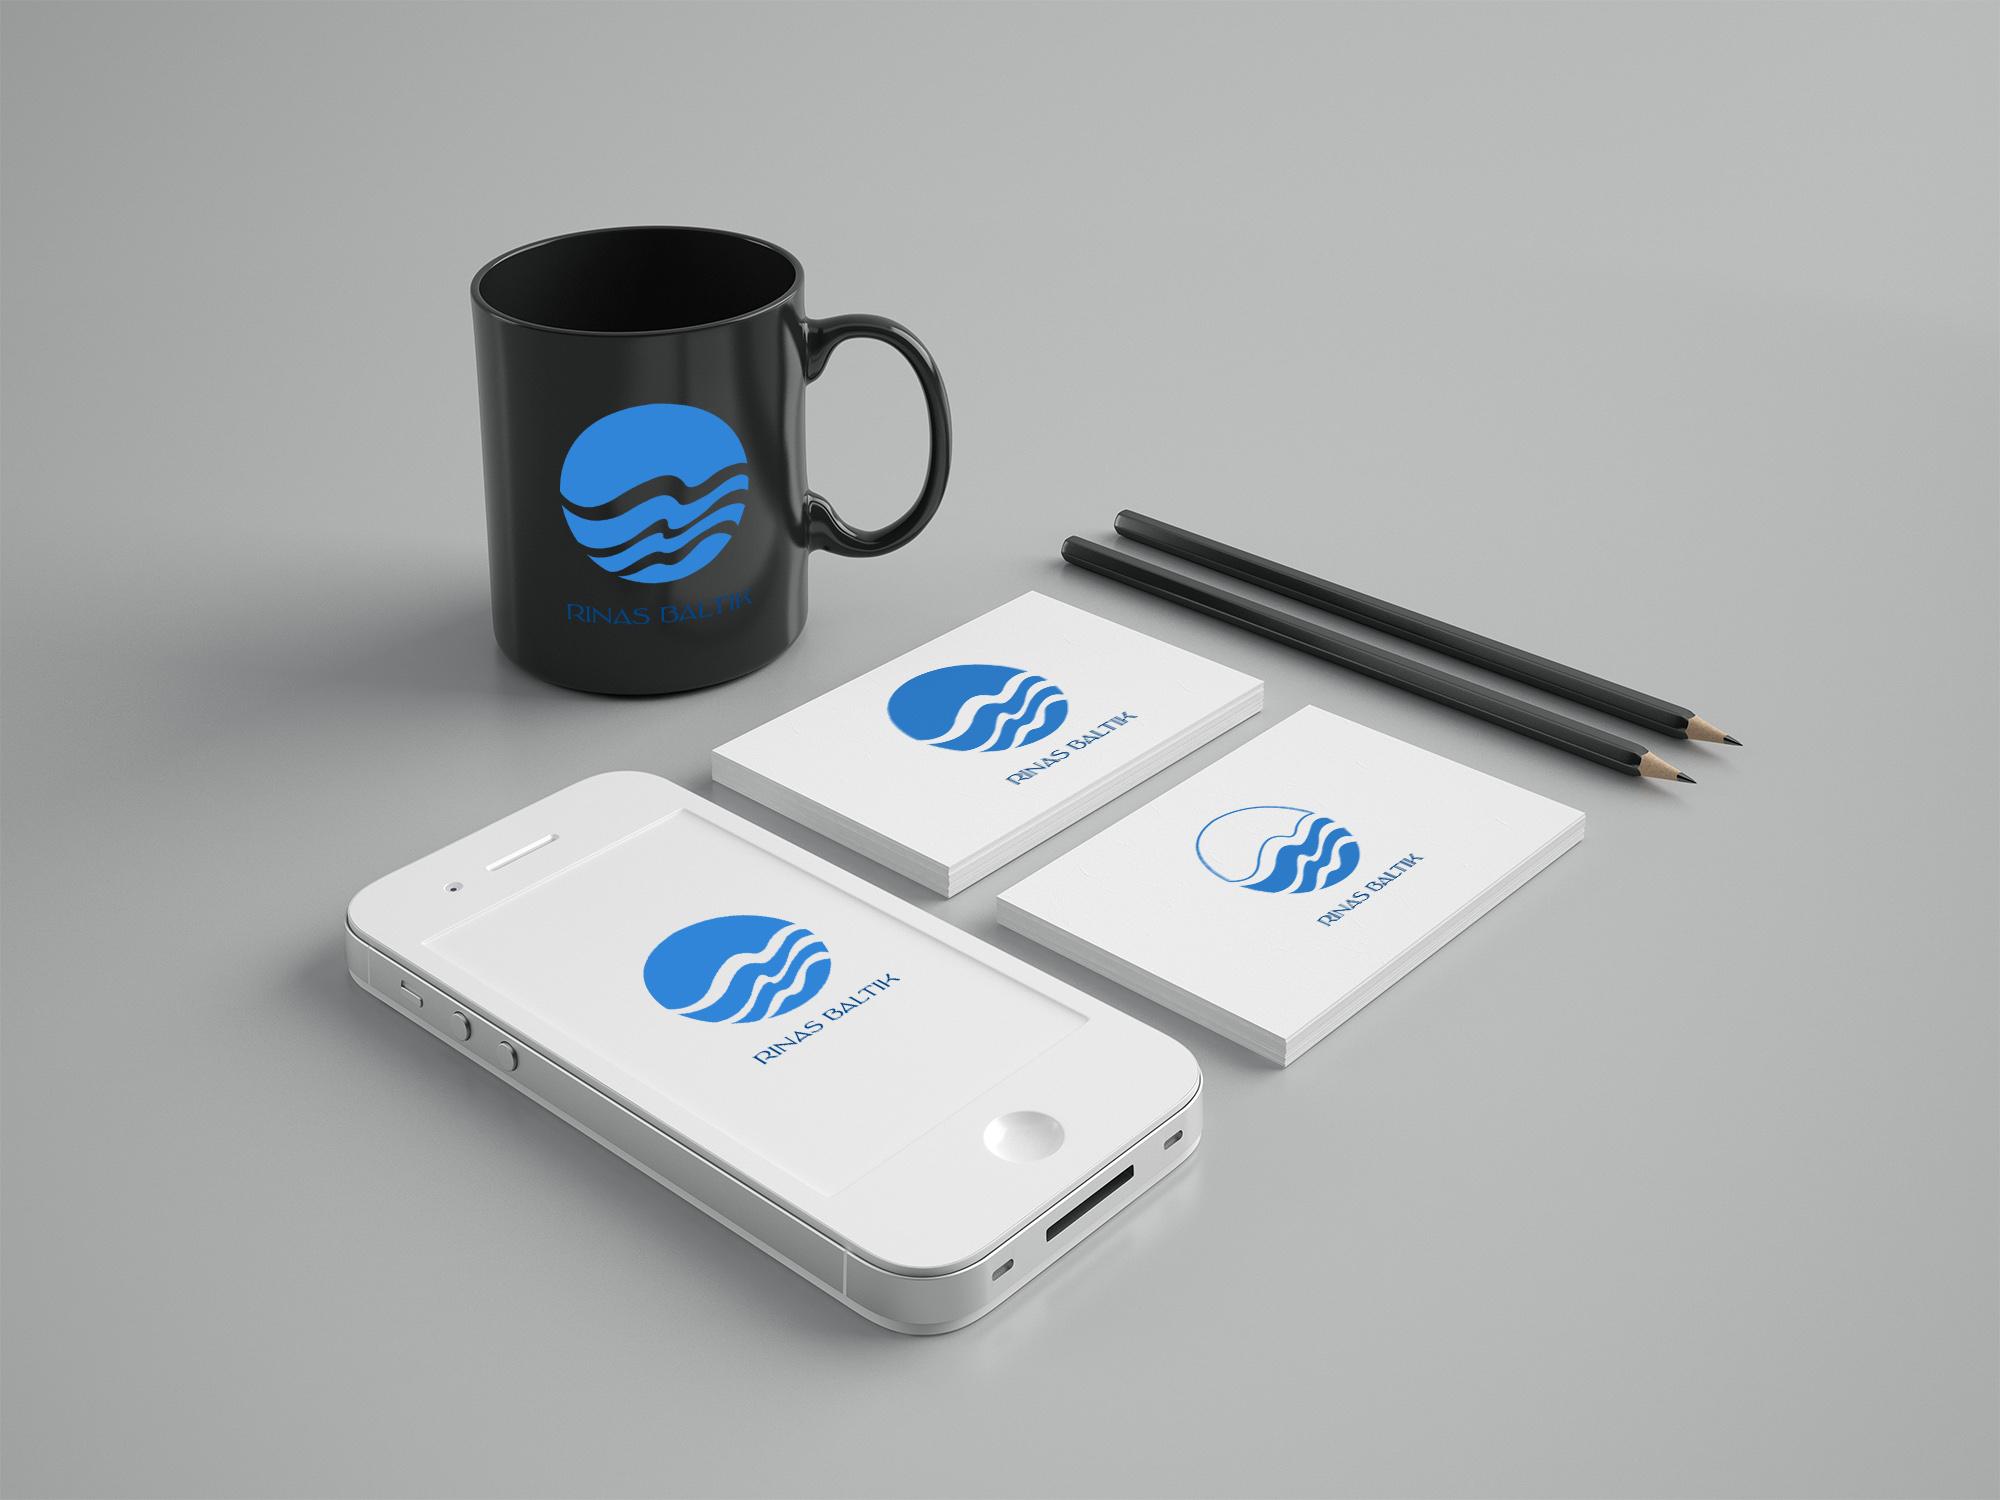 Создание фирменного стиля компании по продаже промышленного оборудования!!! Будет 2 победителя!!! фото f_6765d4ea0b7799b1.jpg